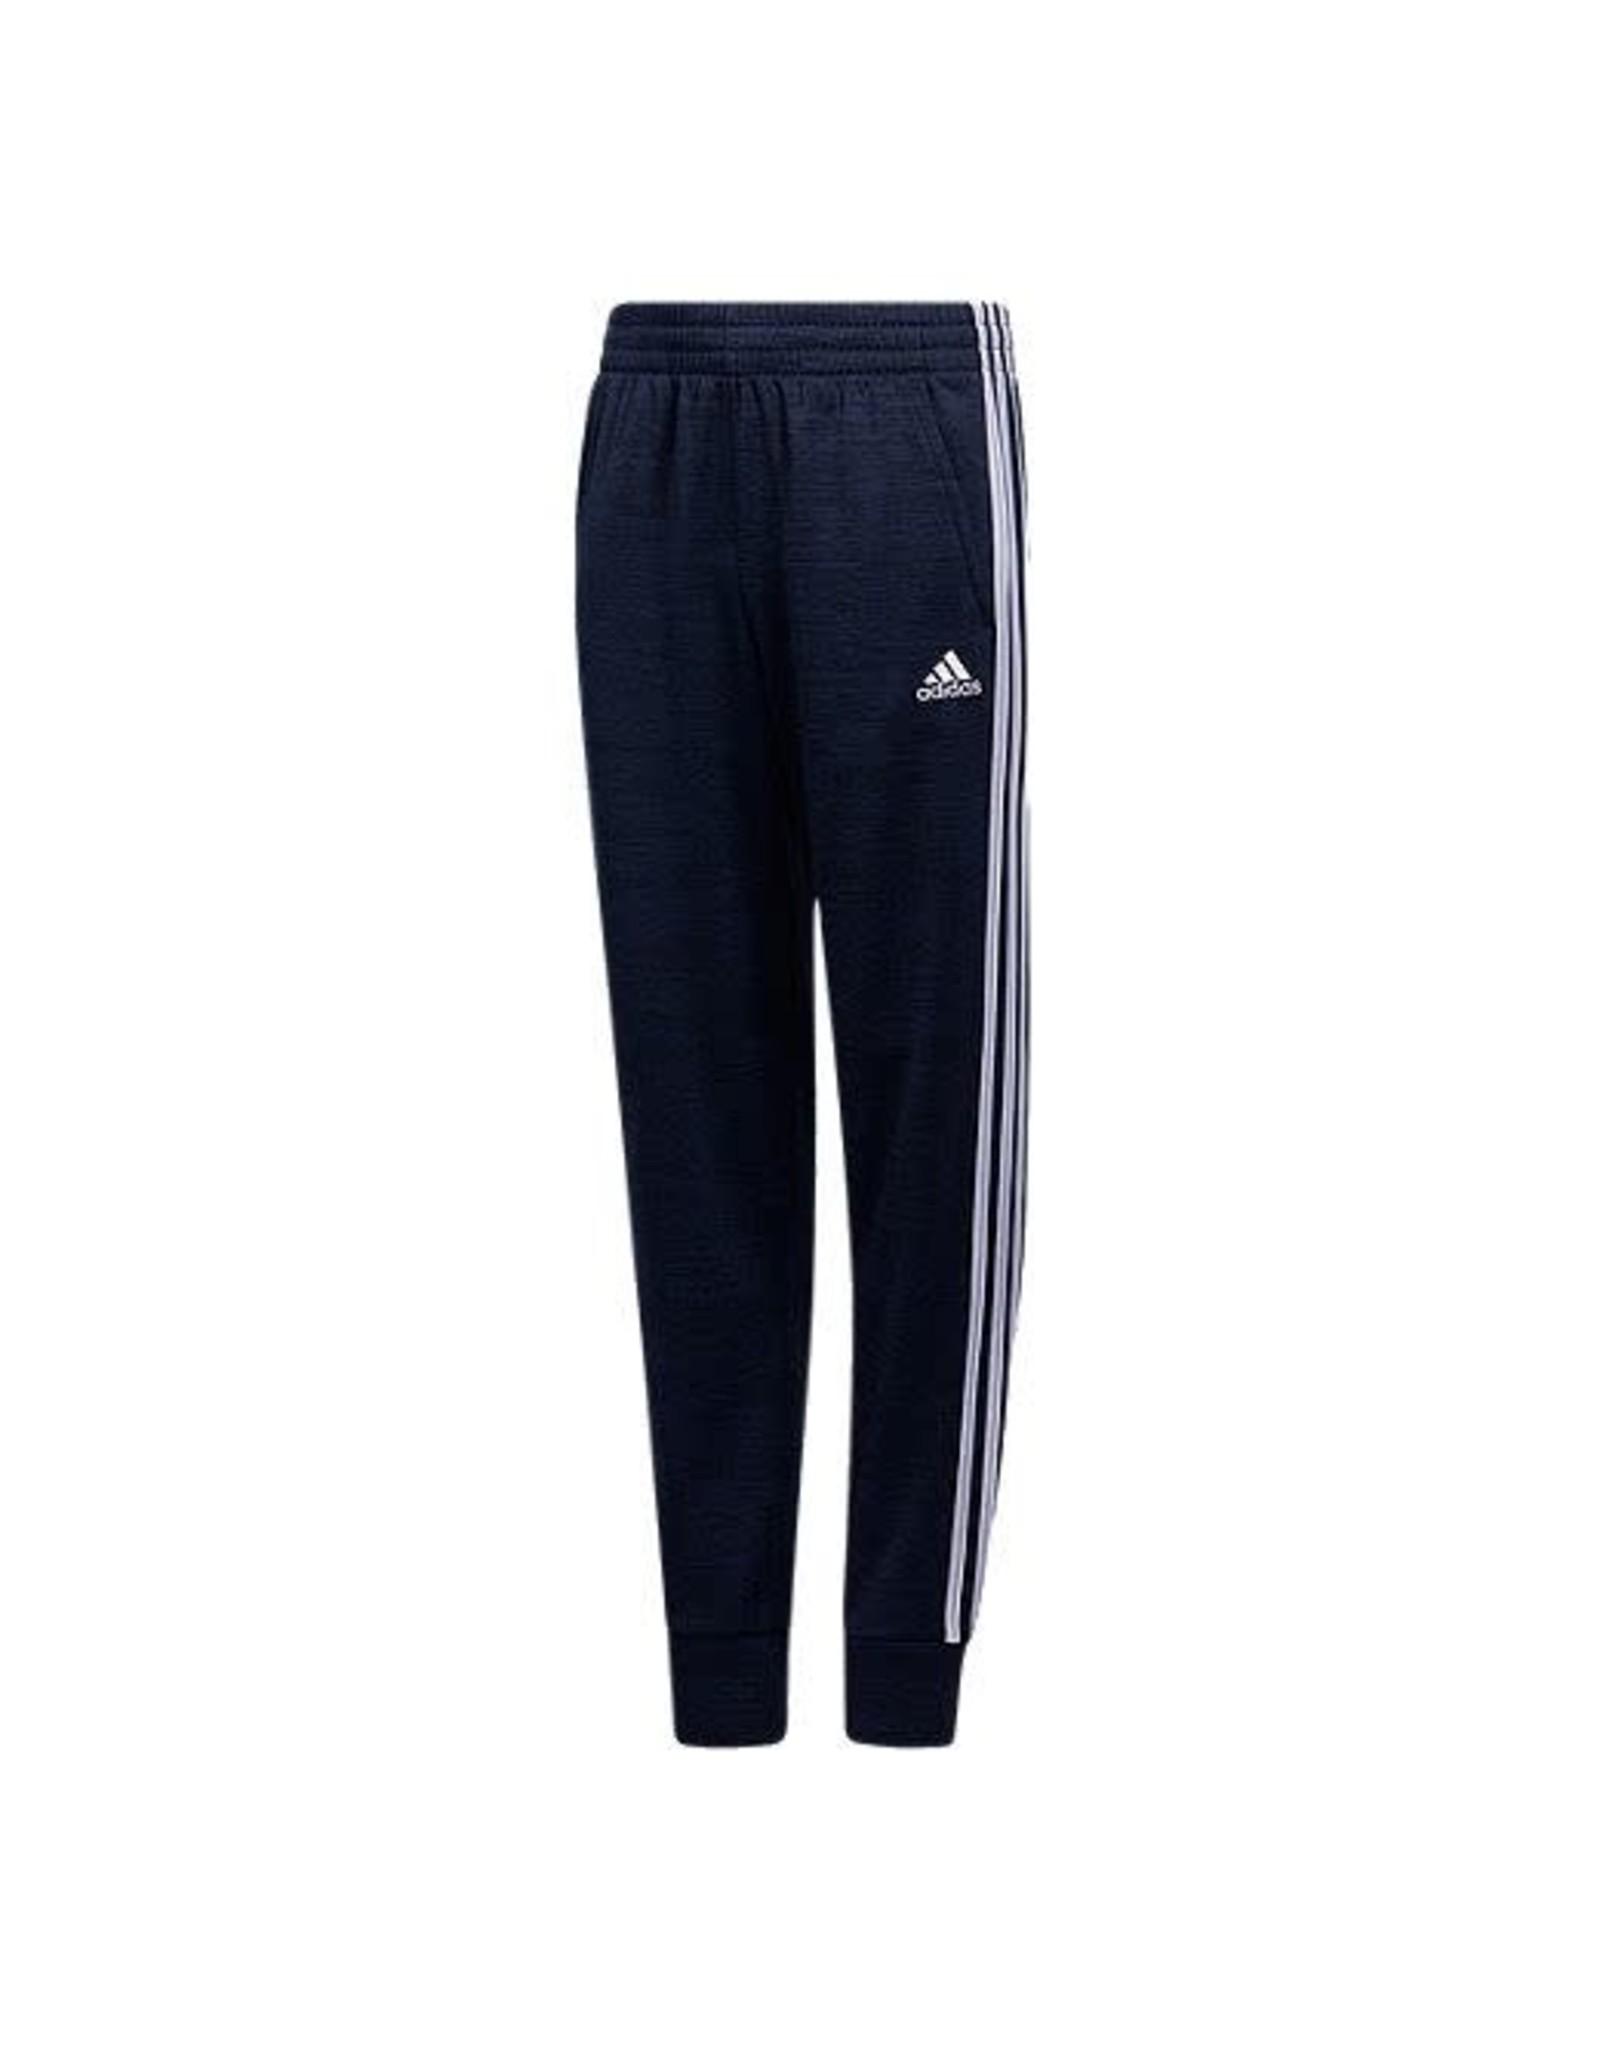 Adidas ADIDAS YTH TIRO19 PANT